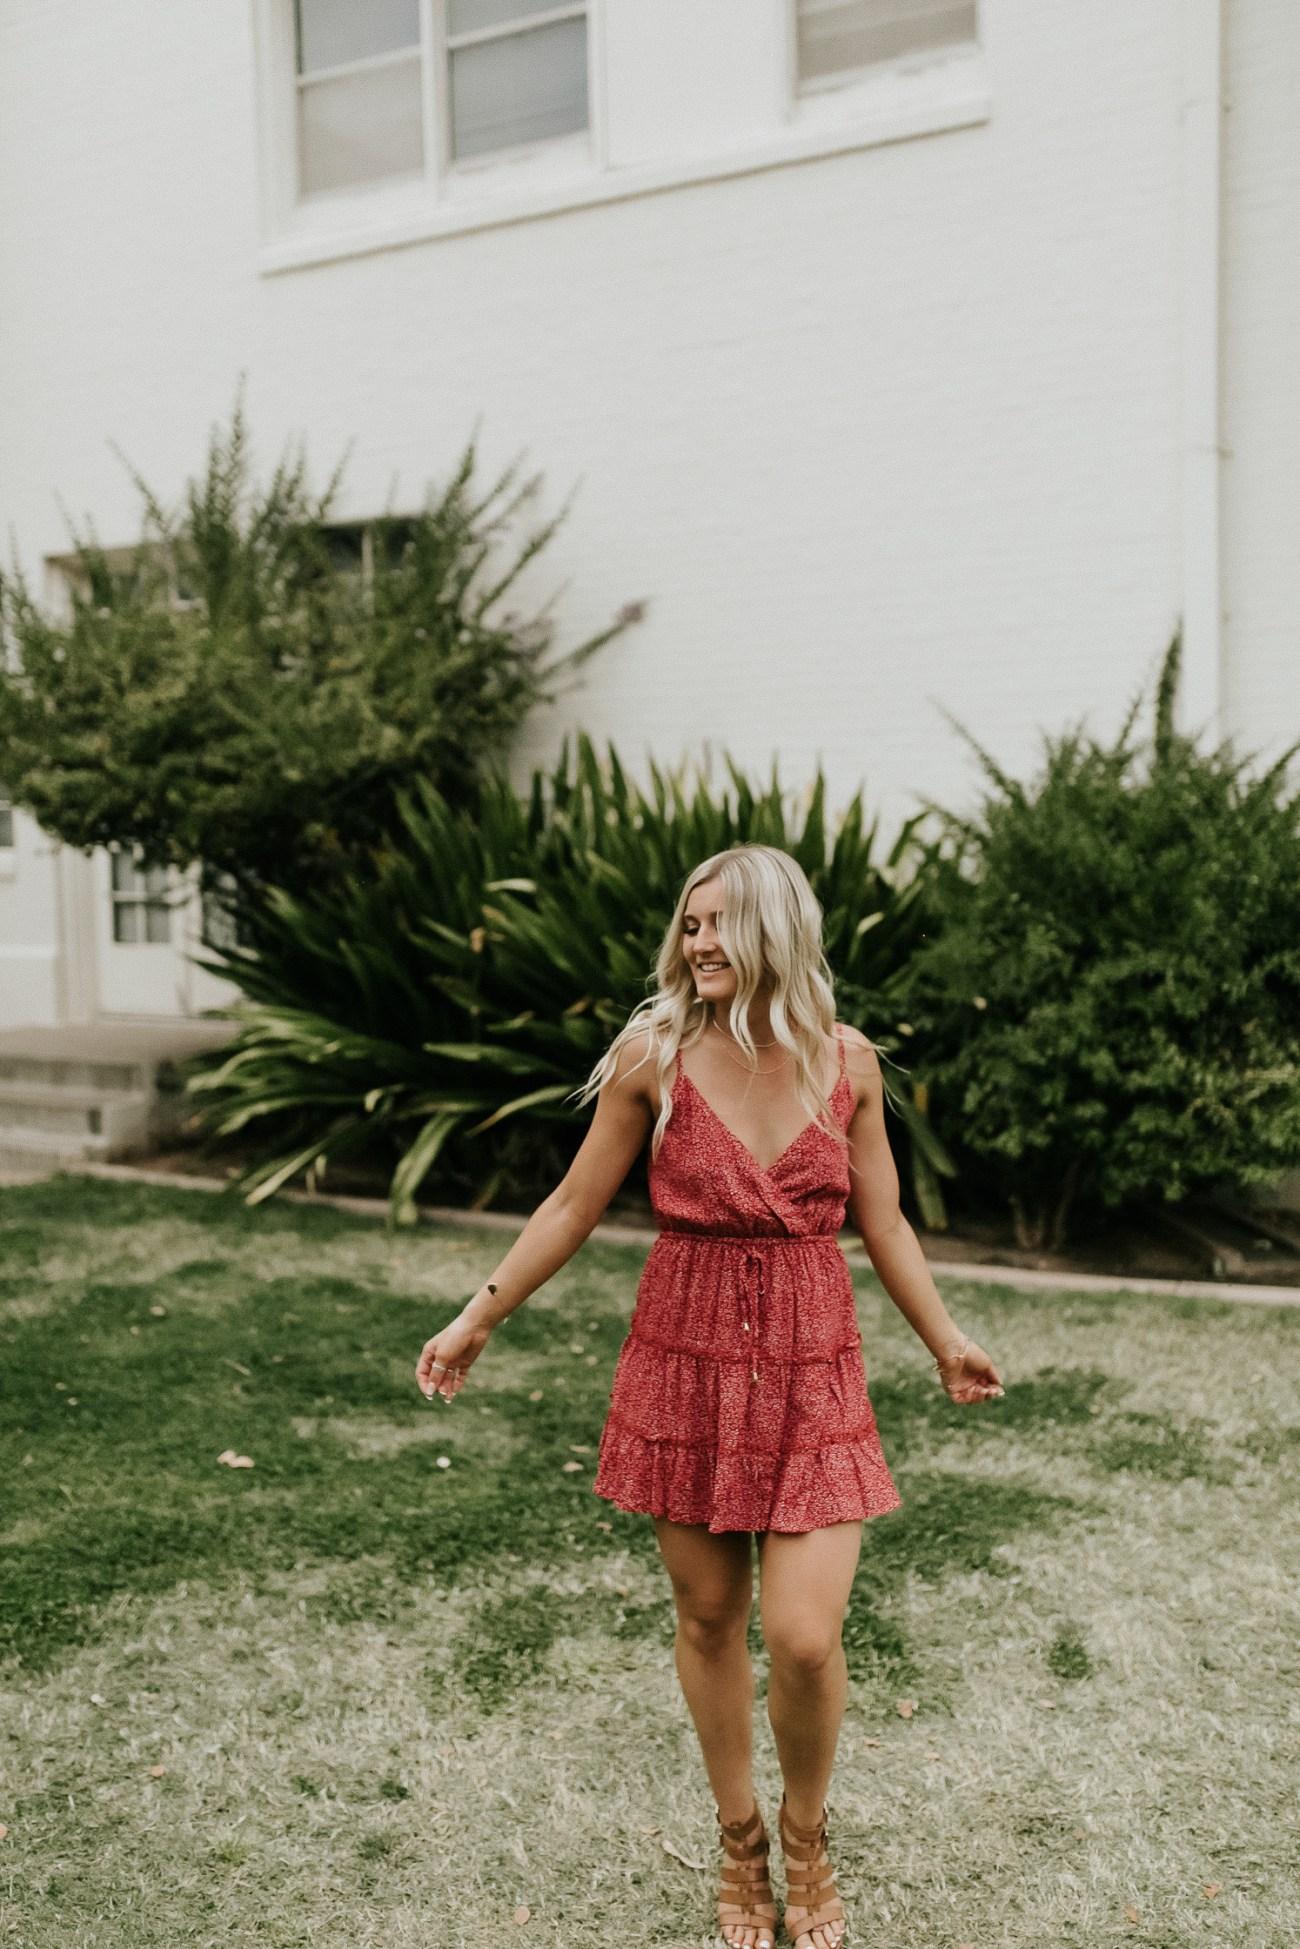 Megan Claire Photography | Phoenix Arizona Wedding and Engagement Photographer. Arizona State University grad photoshoot. Graduation photos at Old Main @meganclairephoto